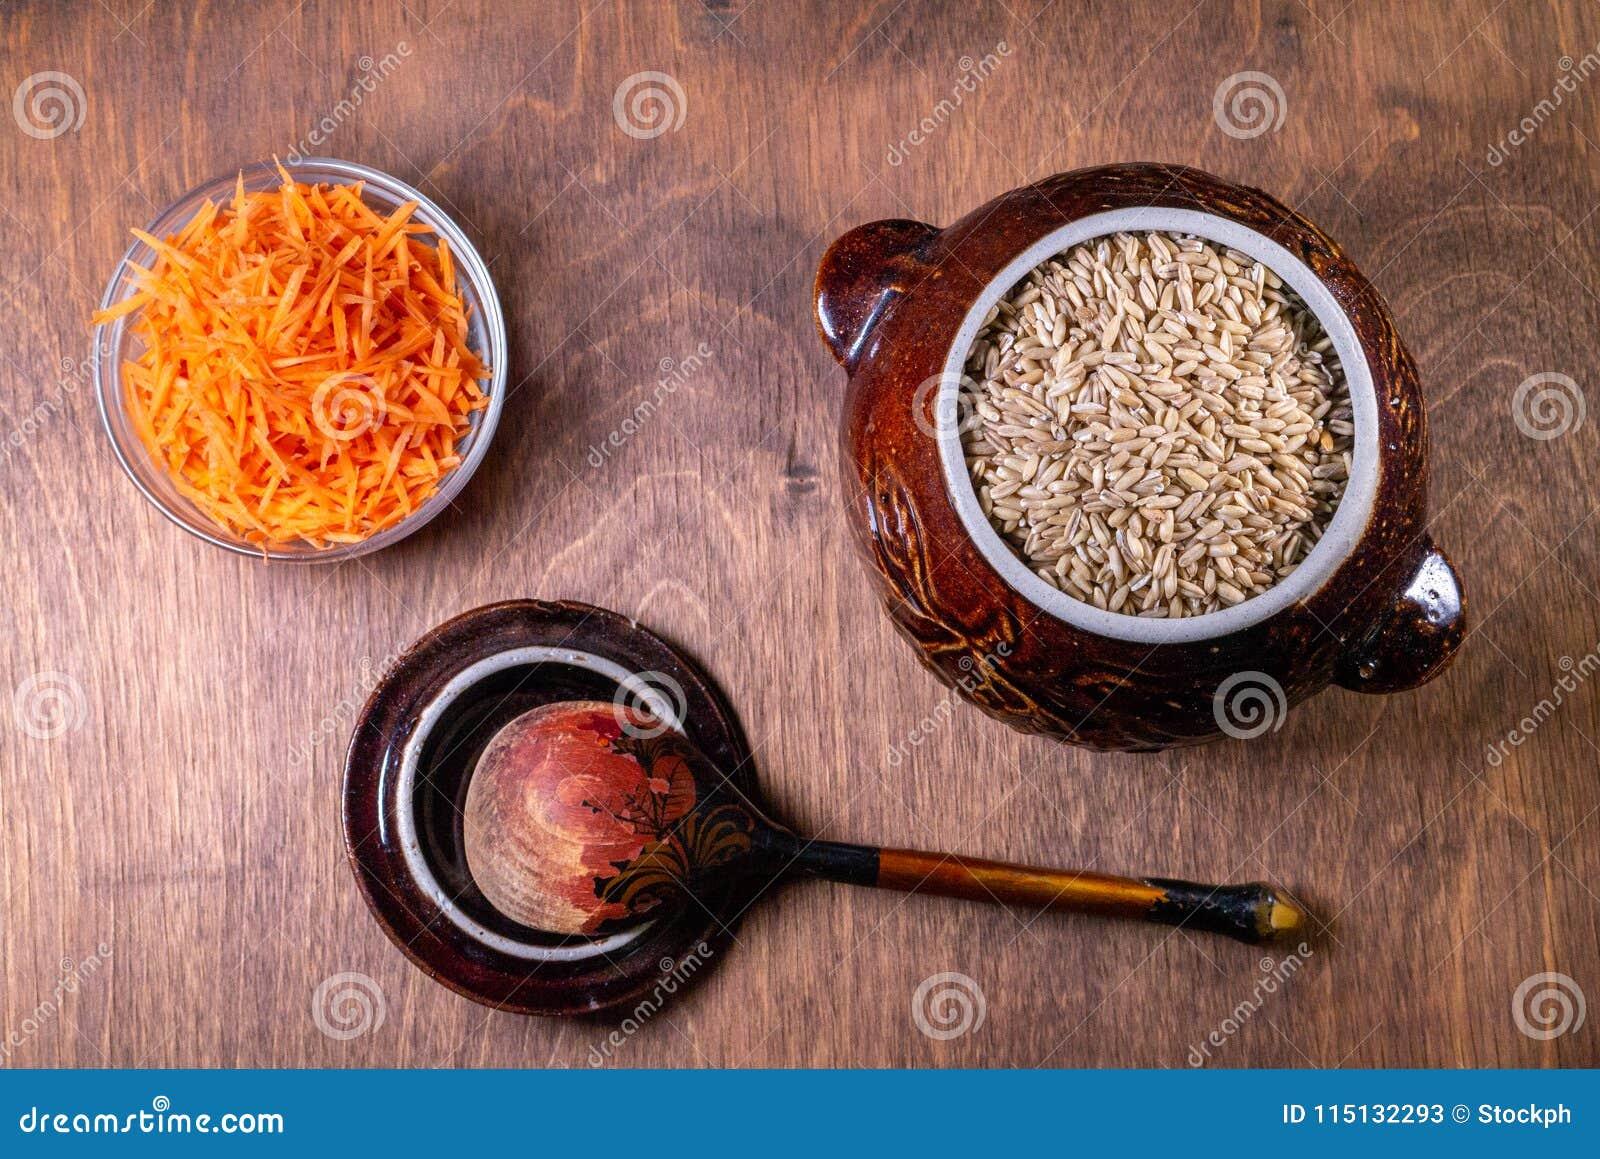 在一碗燕麦粥,有一把木匙子在它旁边,在碗的一棵切的红萝卜